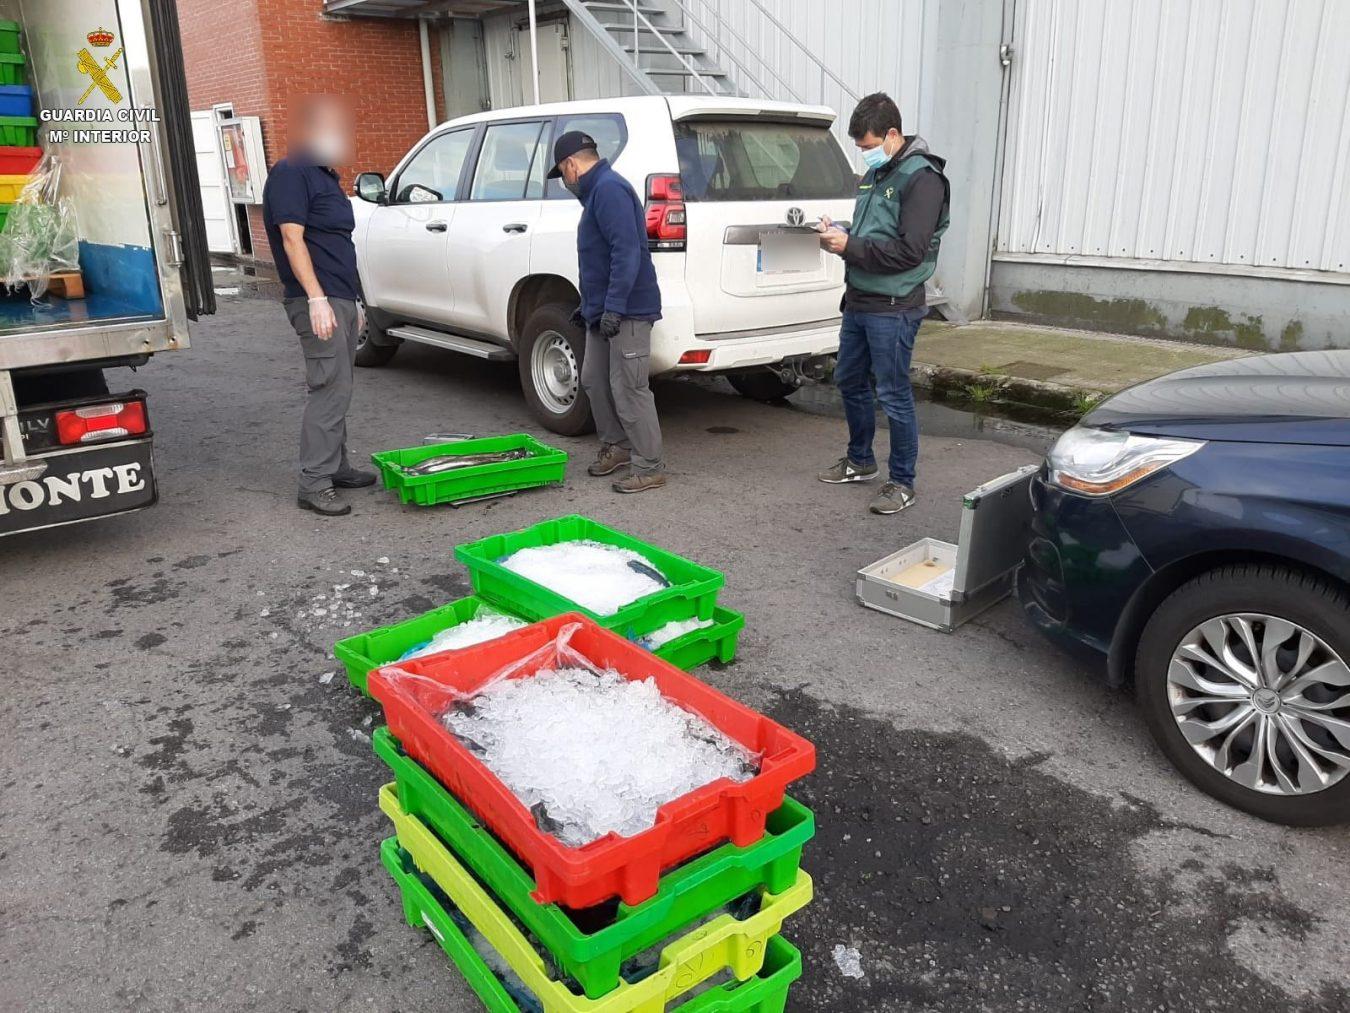 Interceptado un camión con 304 kilos de merluza sin documentación procedente de Lastres y con destino Vigo